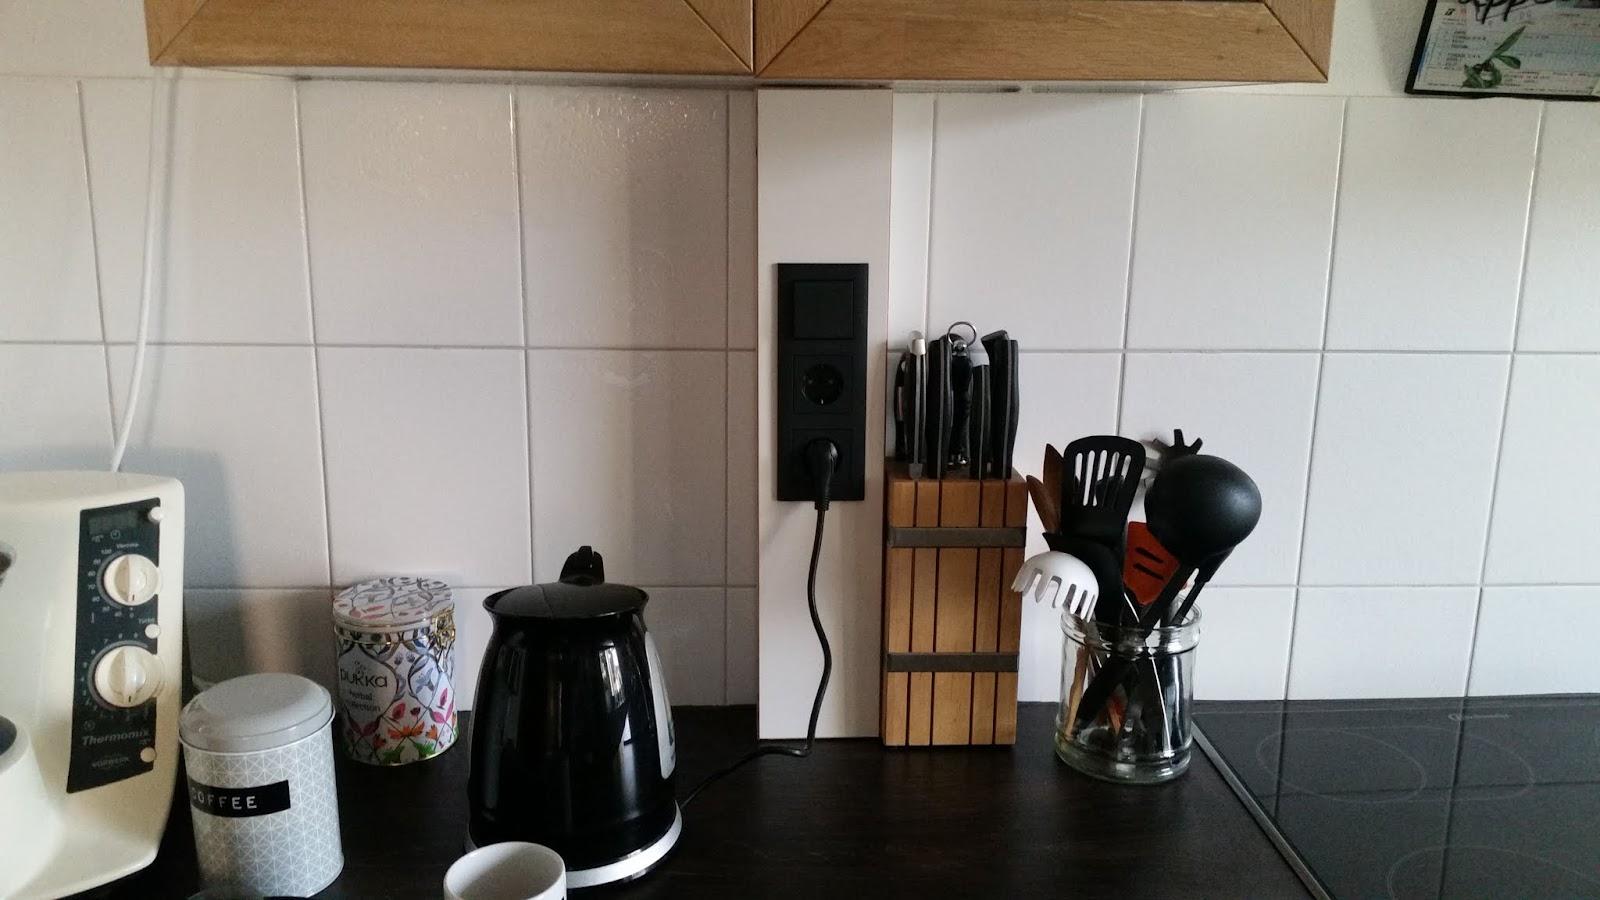 Dominiks Holzblog: Zwei kleine Projekte zum Jahresende